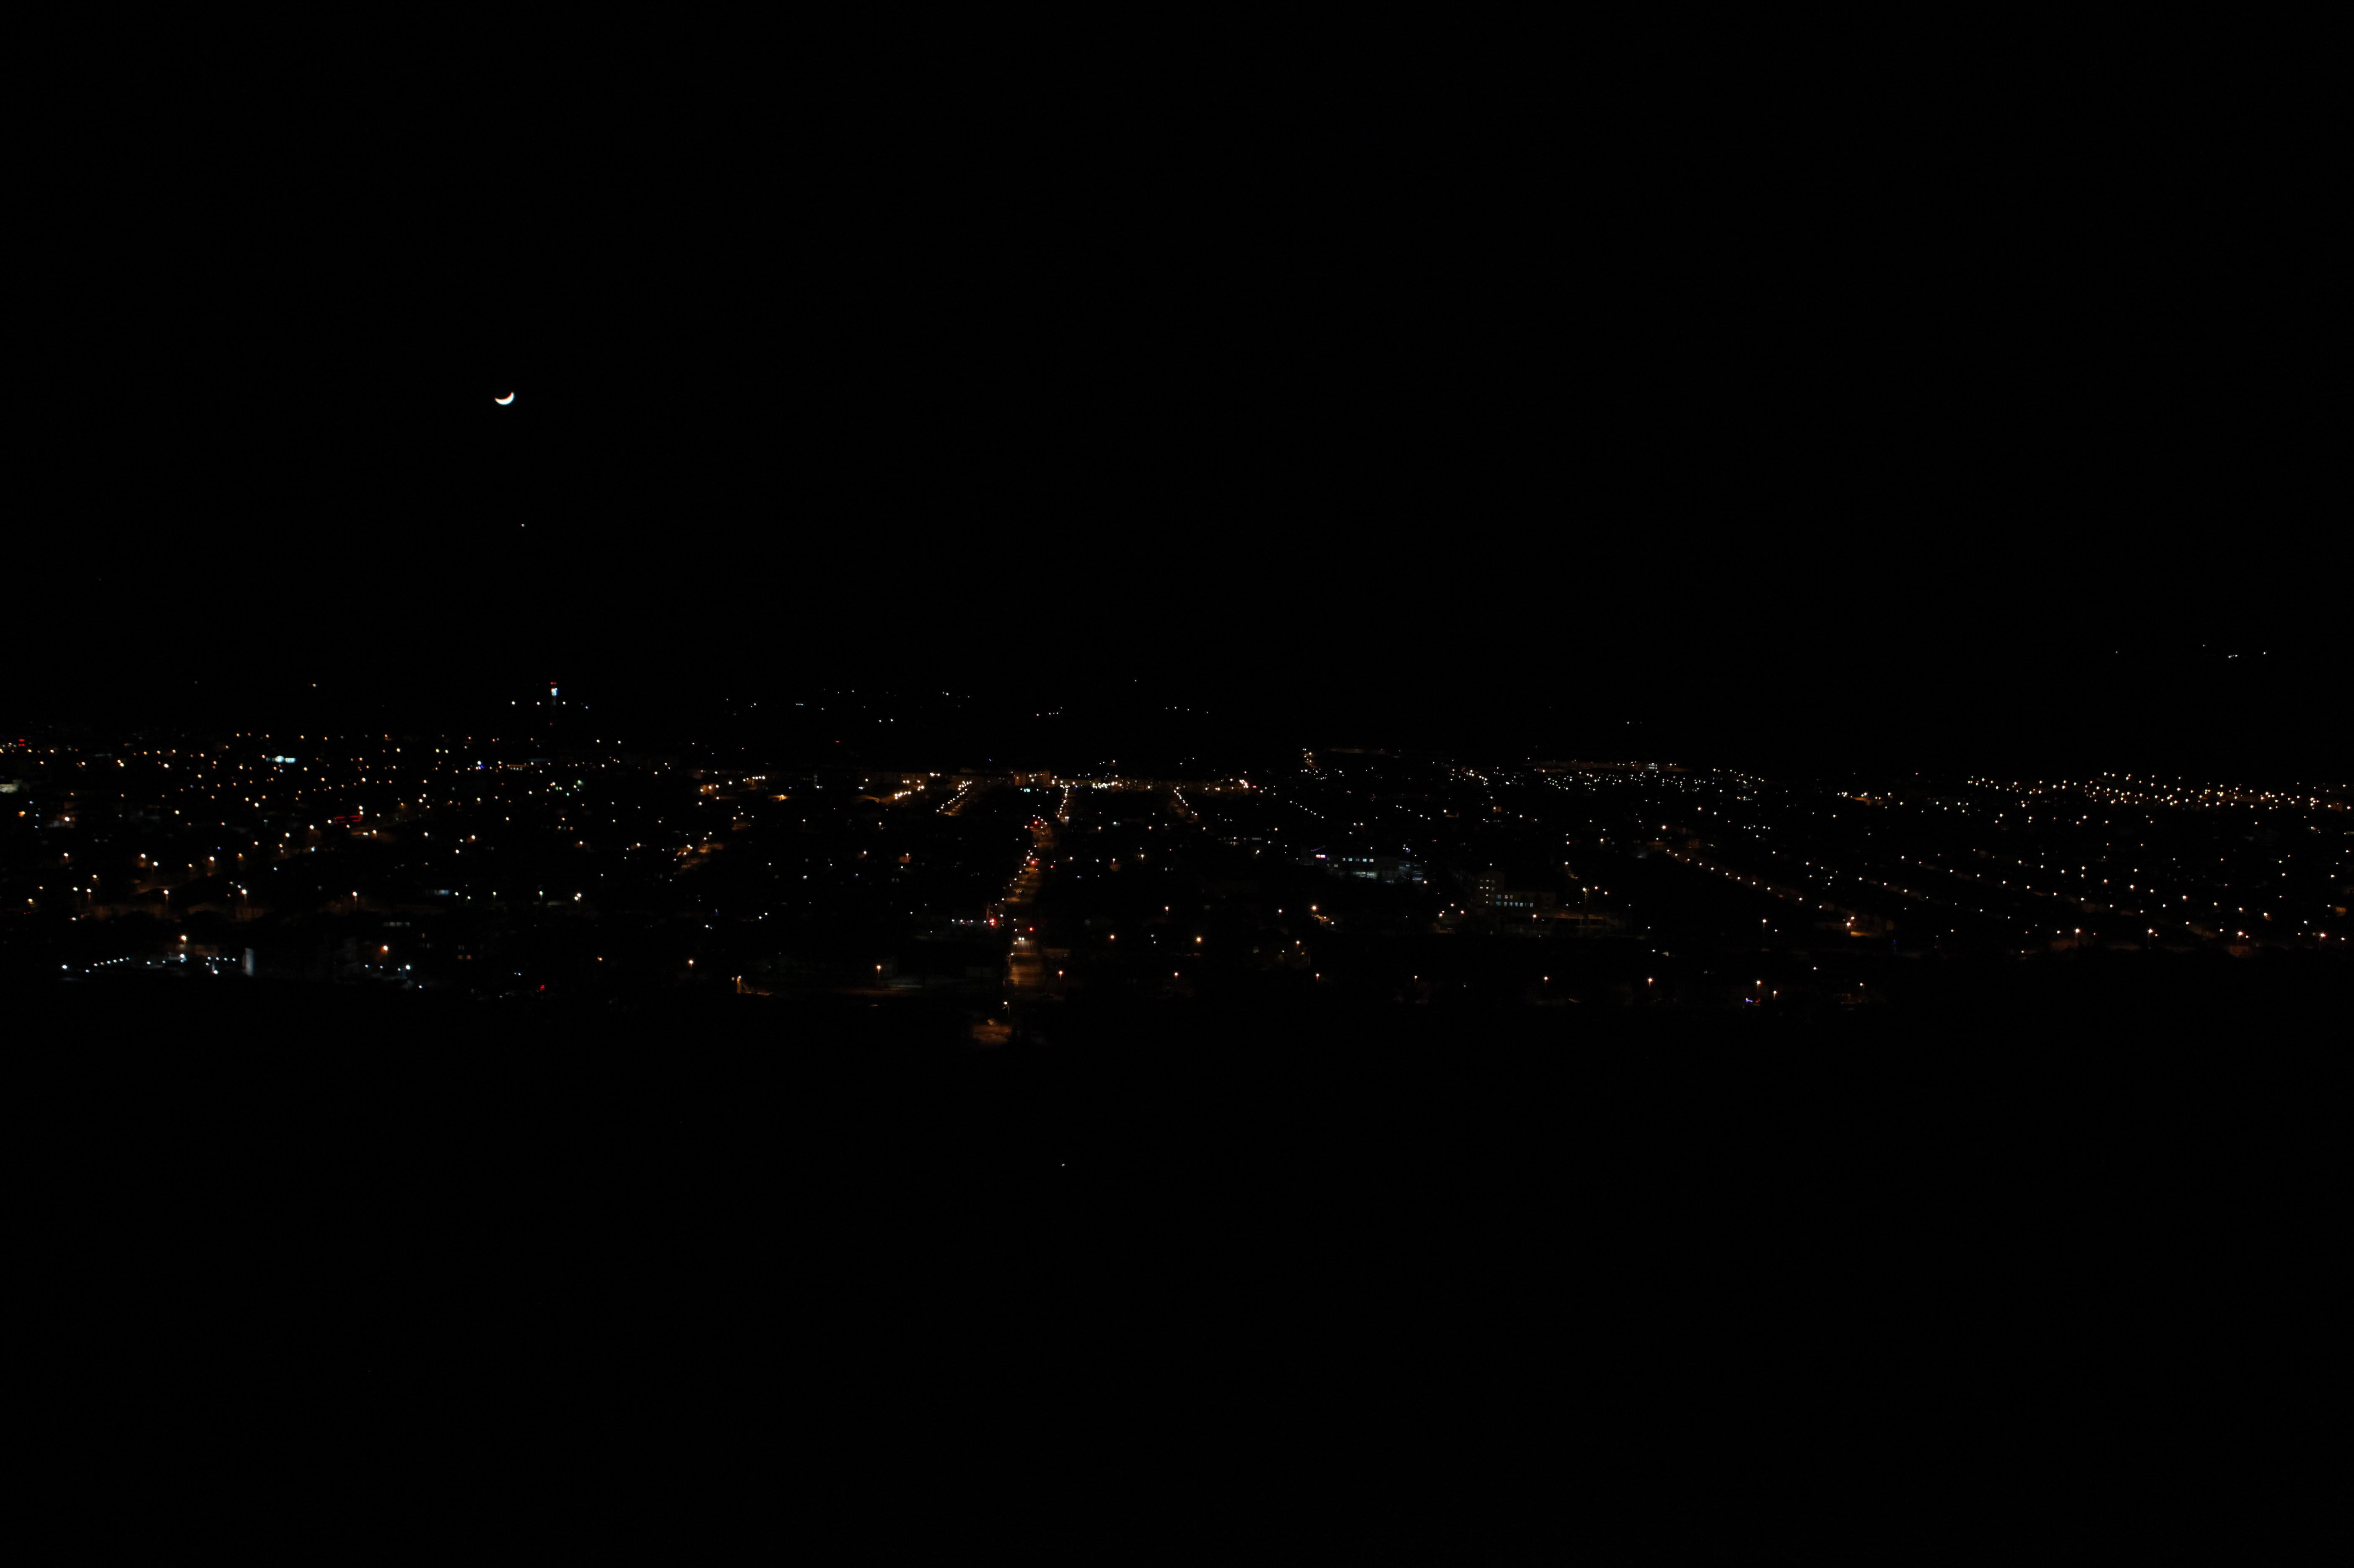 Месяц и звезды над Цхинвалом.